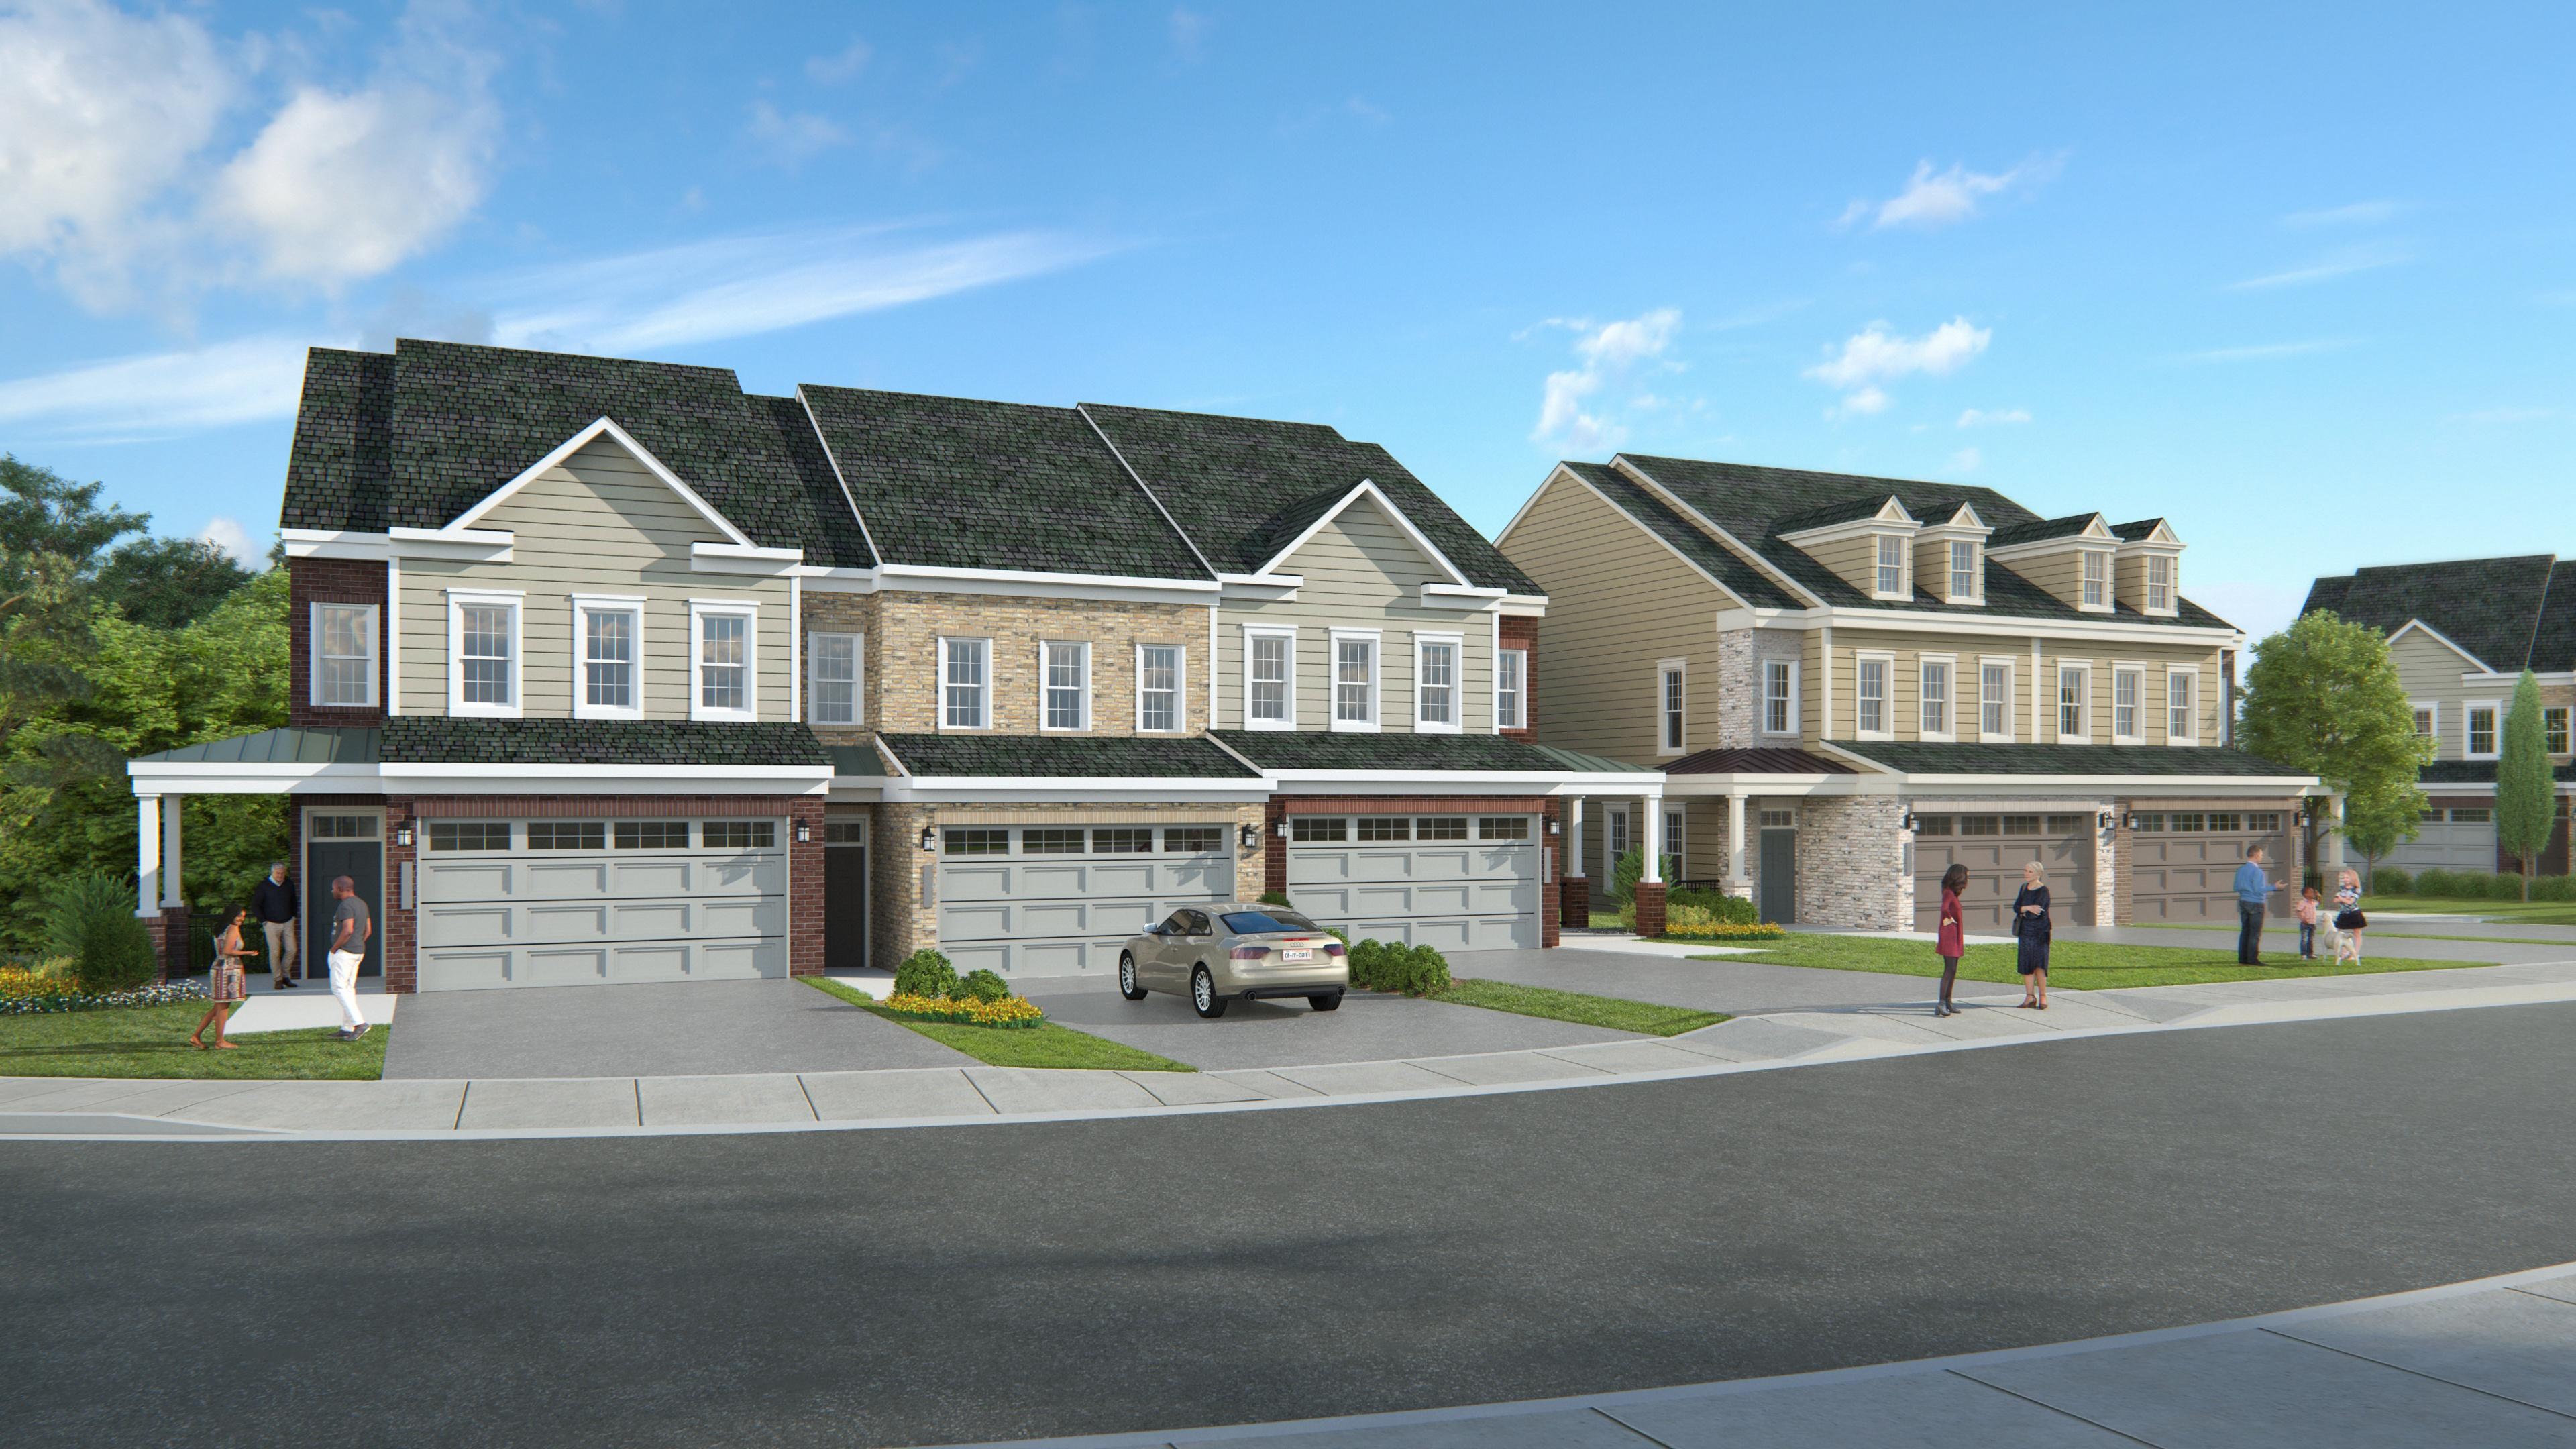 New homes rendering in Eden Brook